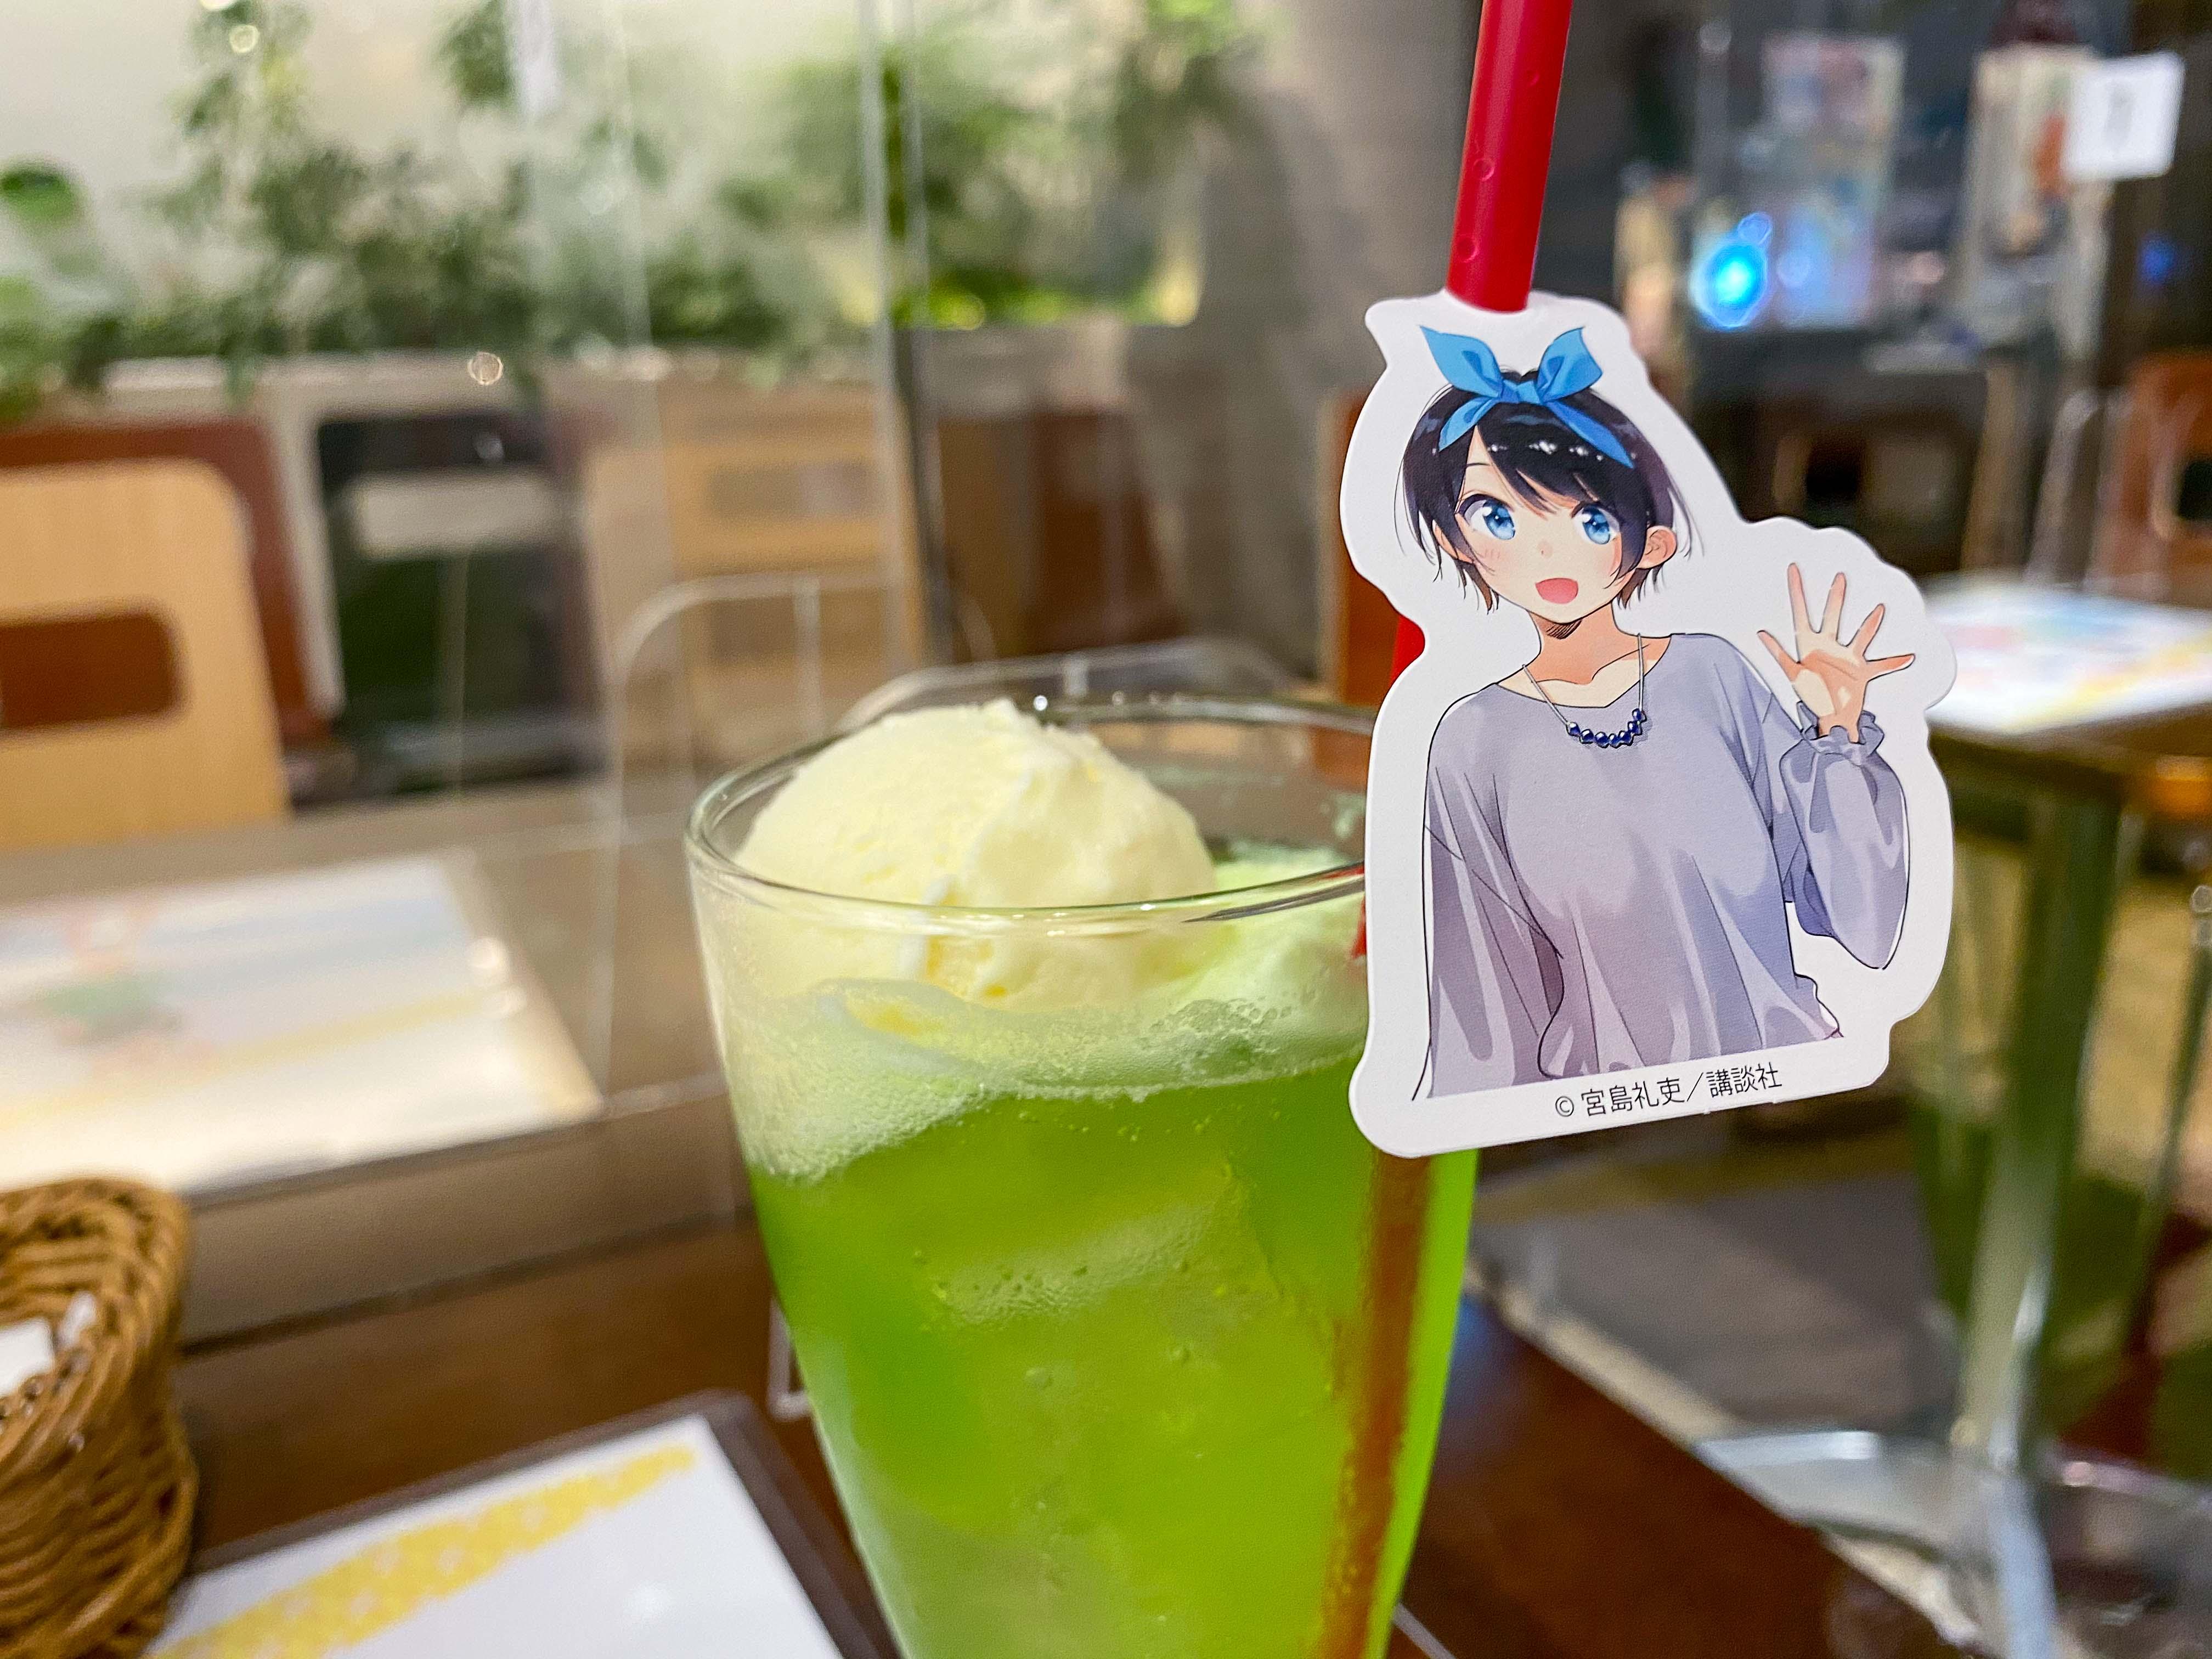 Rent-a-Girlfriend Cafe